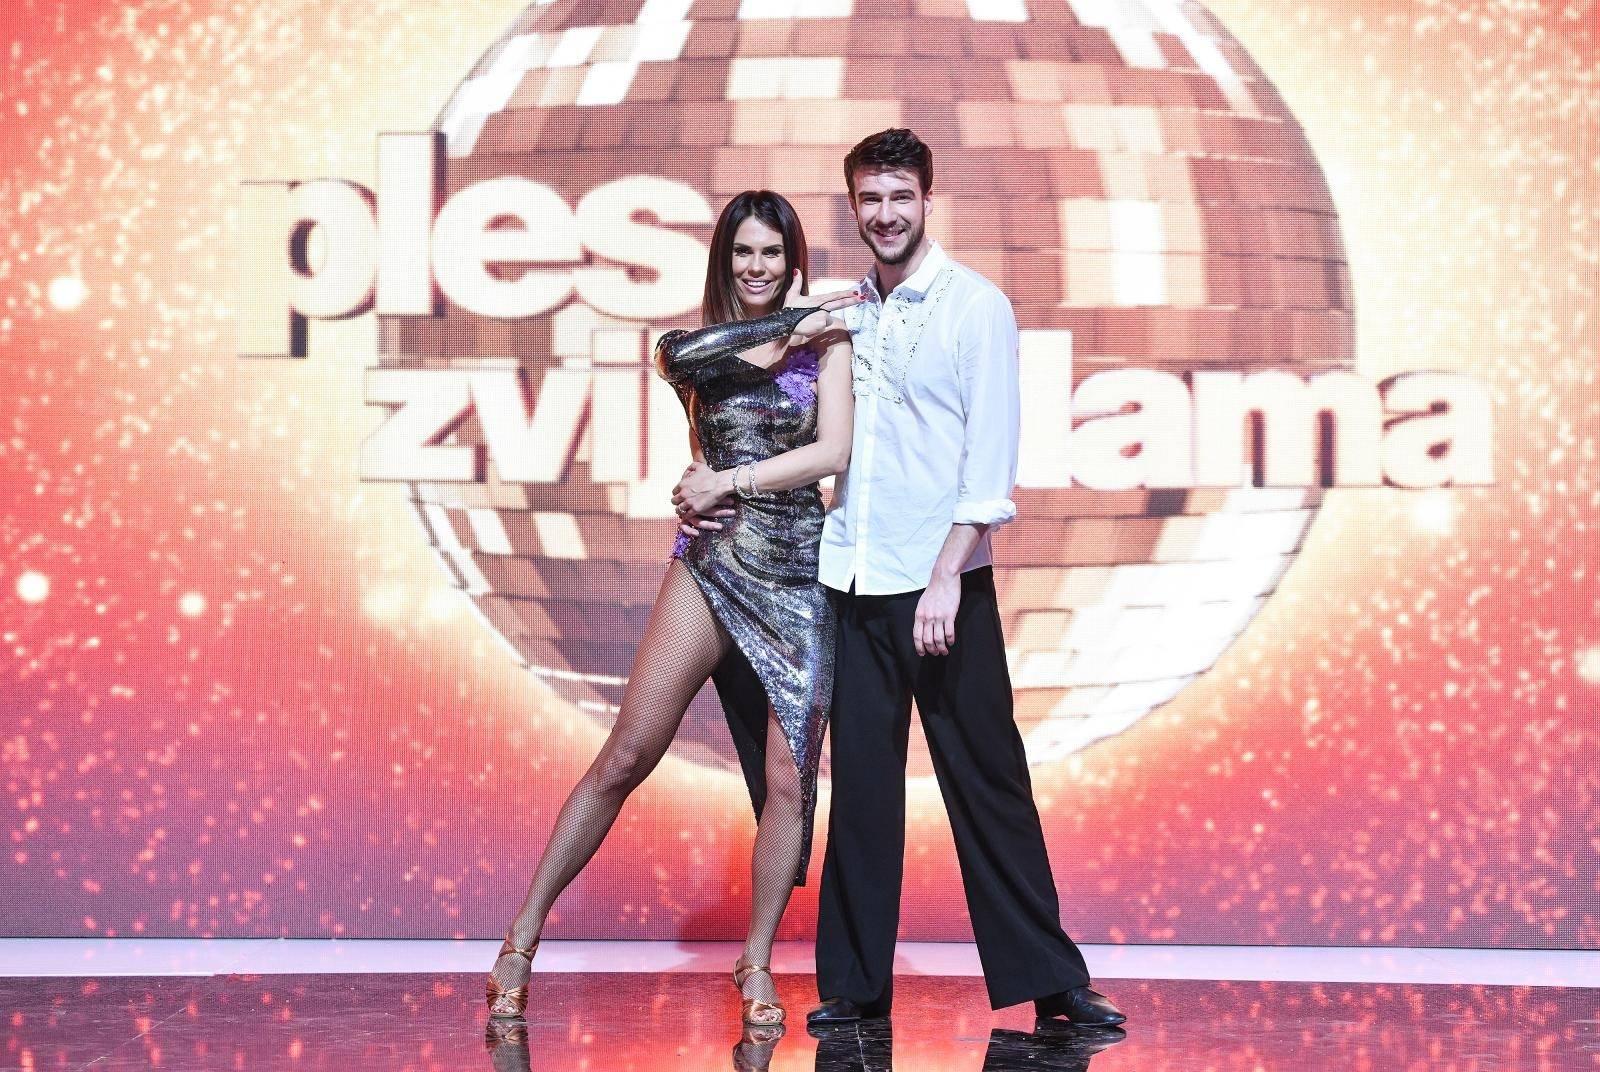 Zagreb: Predstavljeni parovi za novu sezonu showa Ples sa zvijezdama